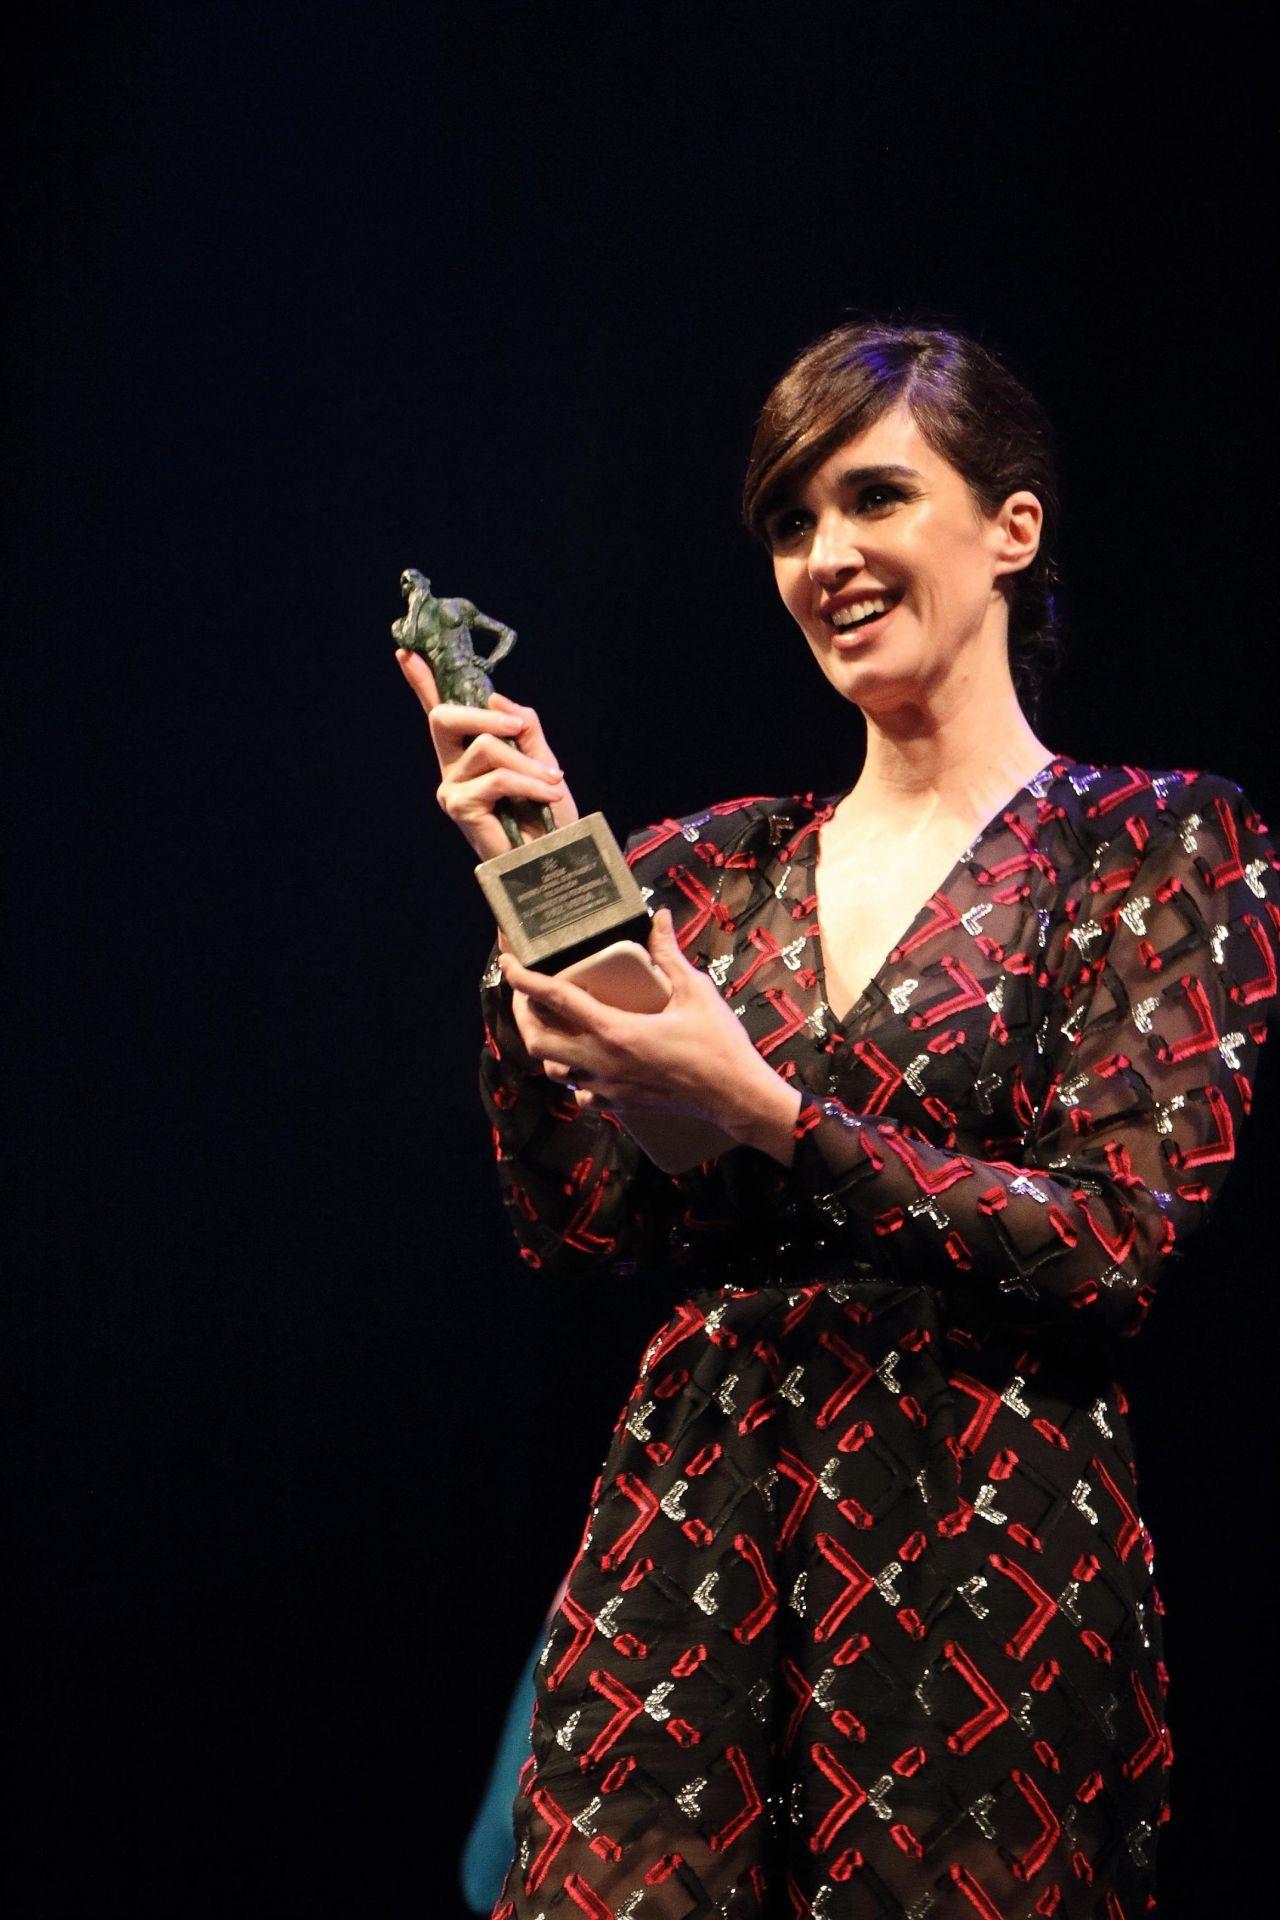 https://celebmafia.com/wp-content/uploads/2018/11/paz-vega-wins-an-award-at-the-seville-film-festival-11-14-2018-7.jpg